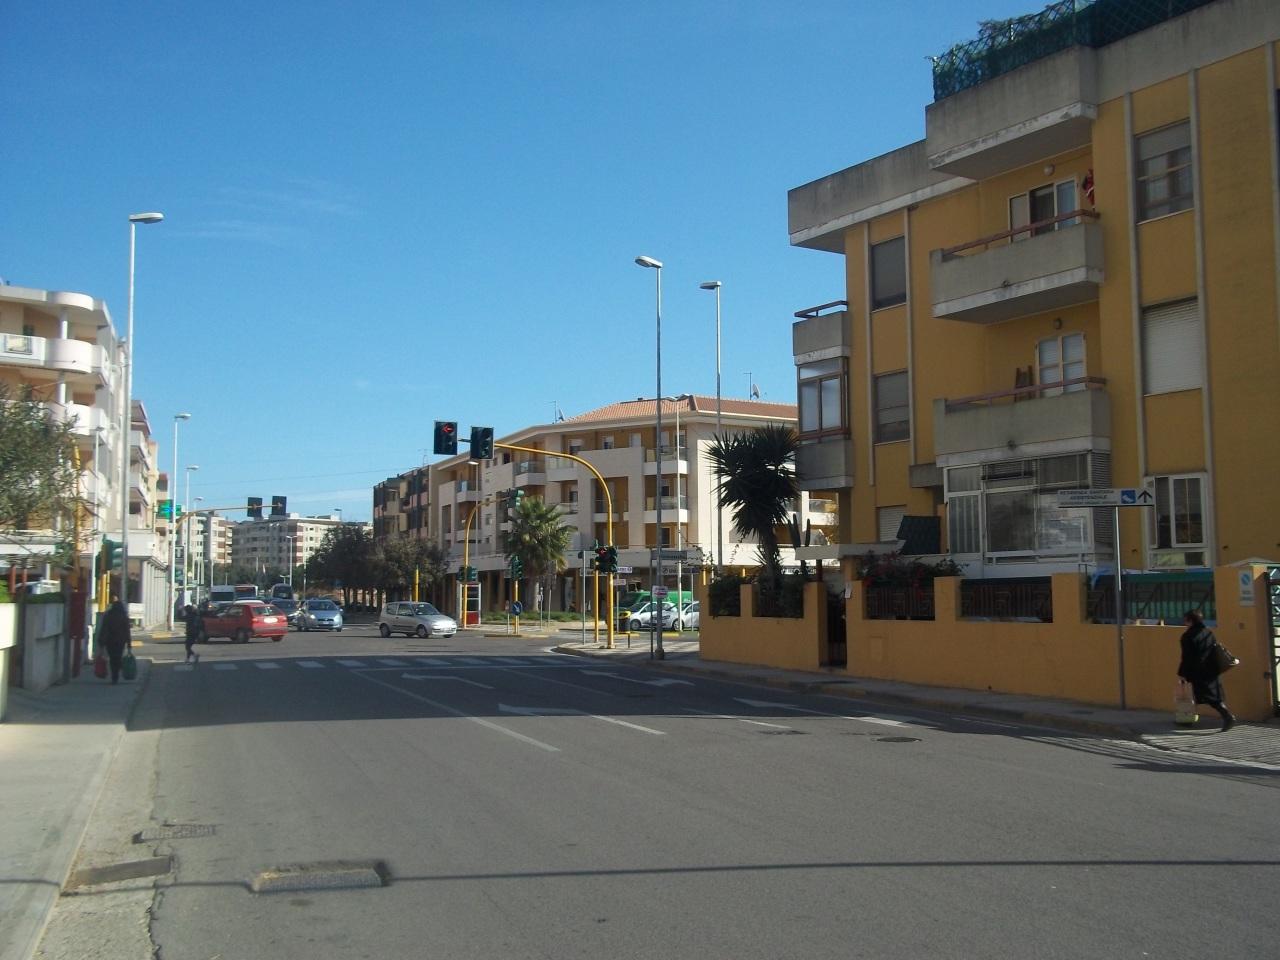 Magazzino in vendita a Quartu Sant'Elena, 1 locali, prezzo € 220.000 | Cambio Casa.it